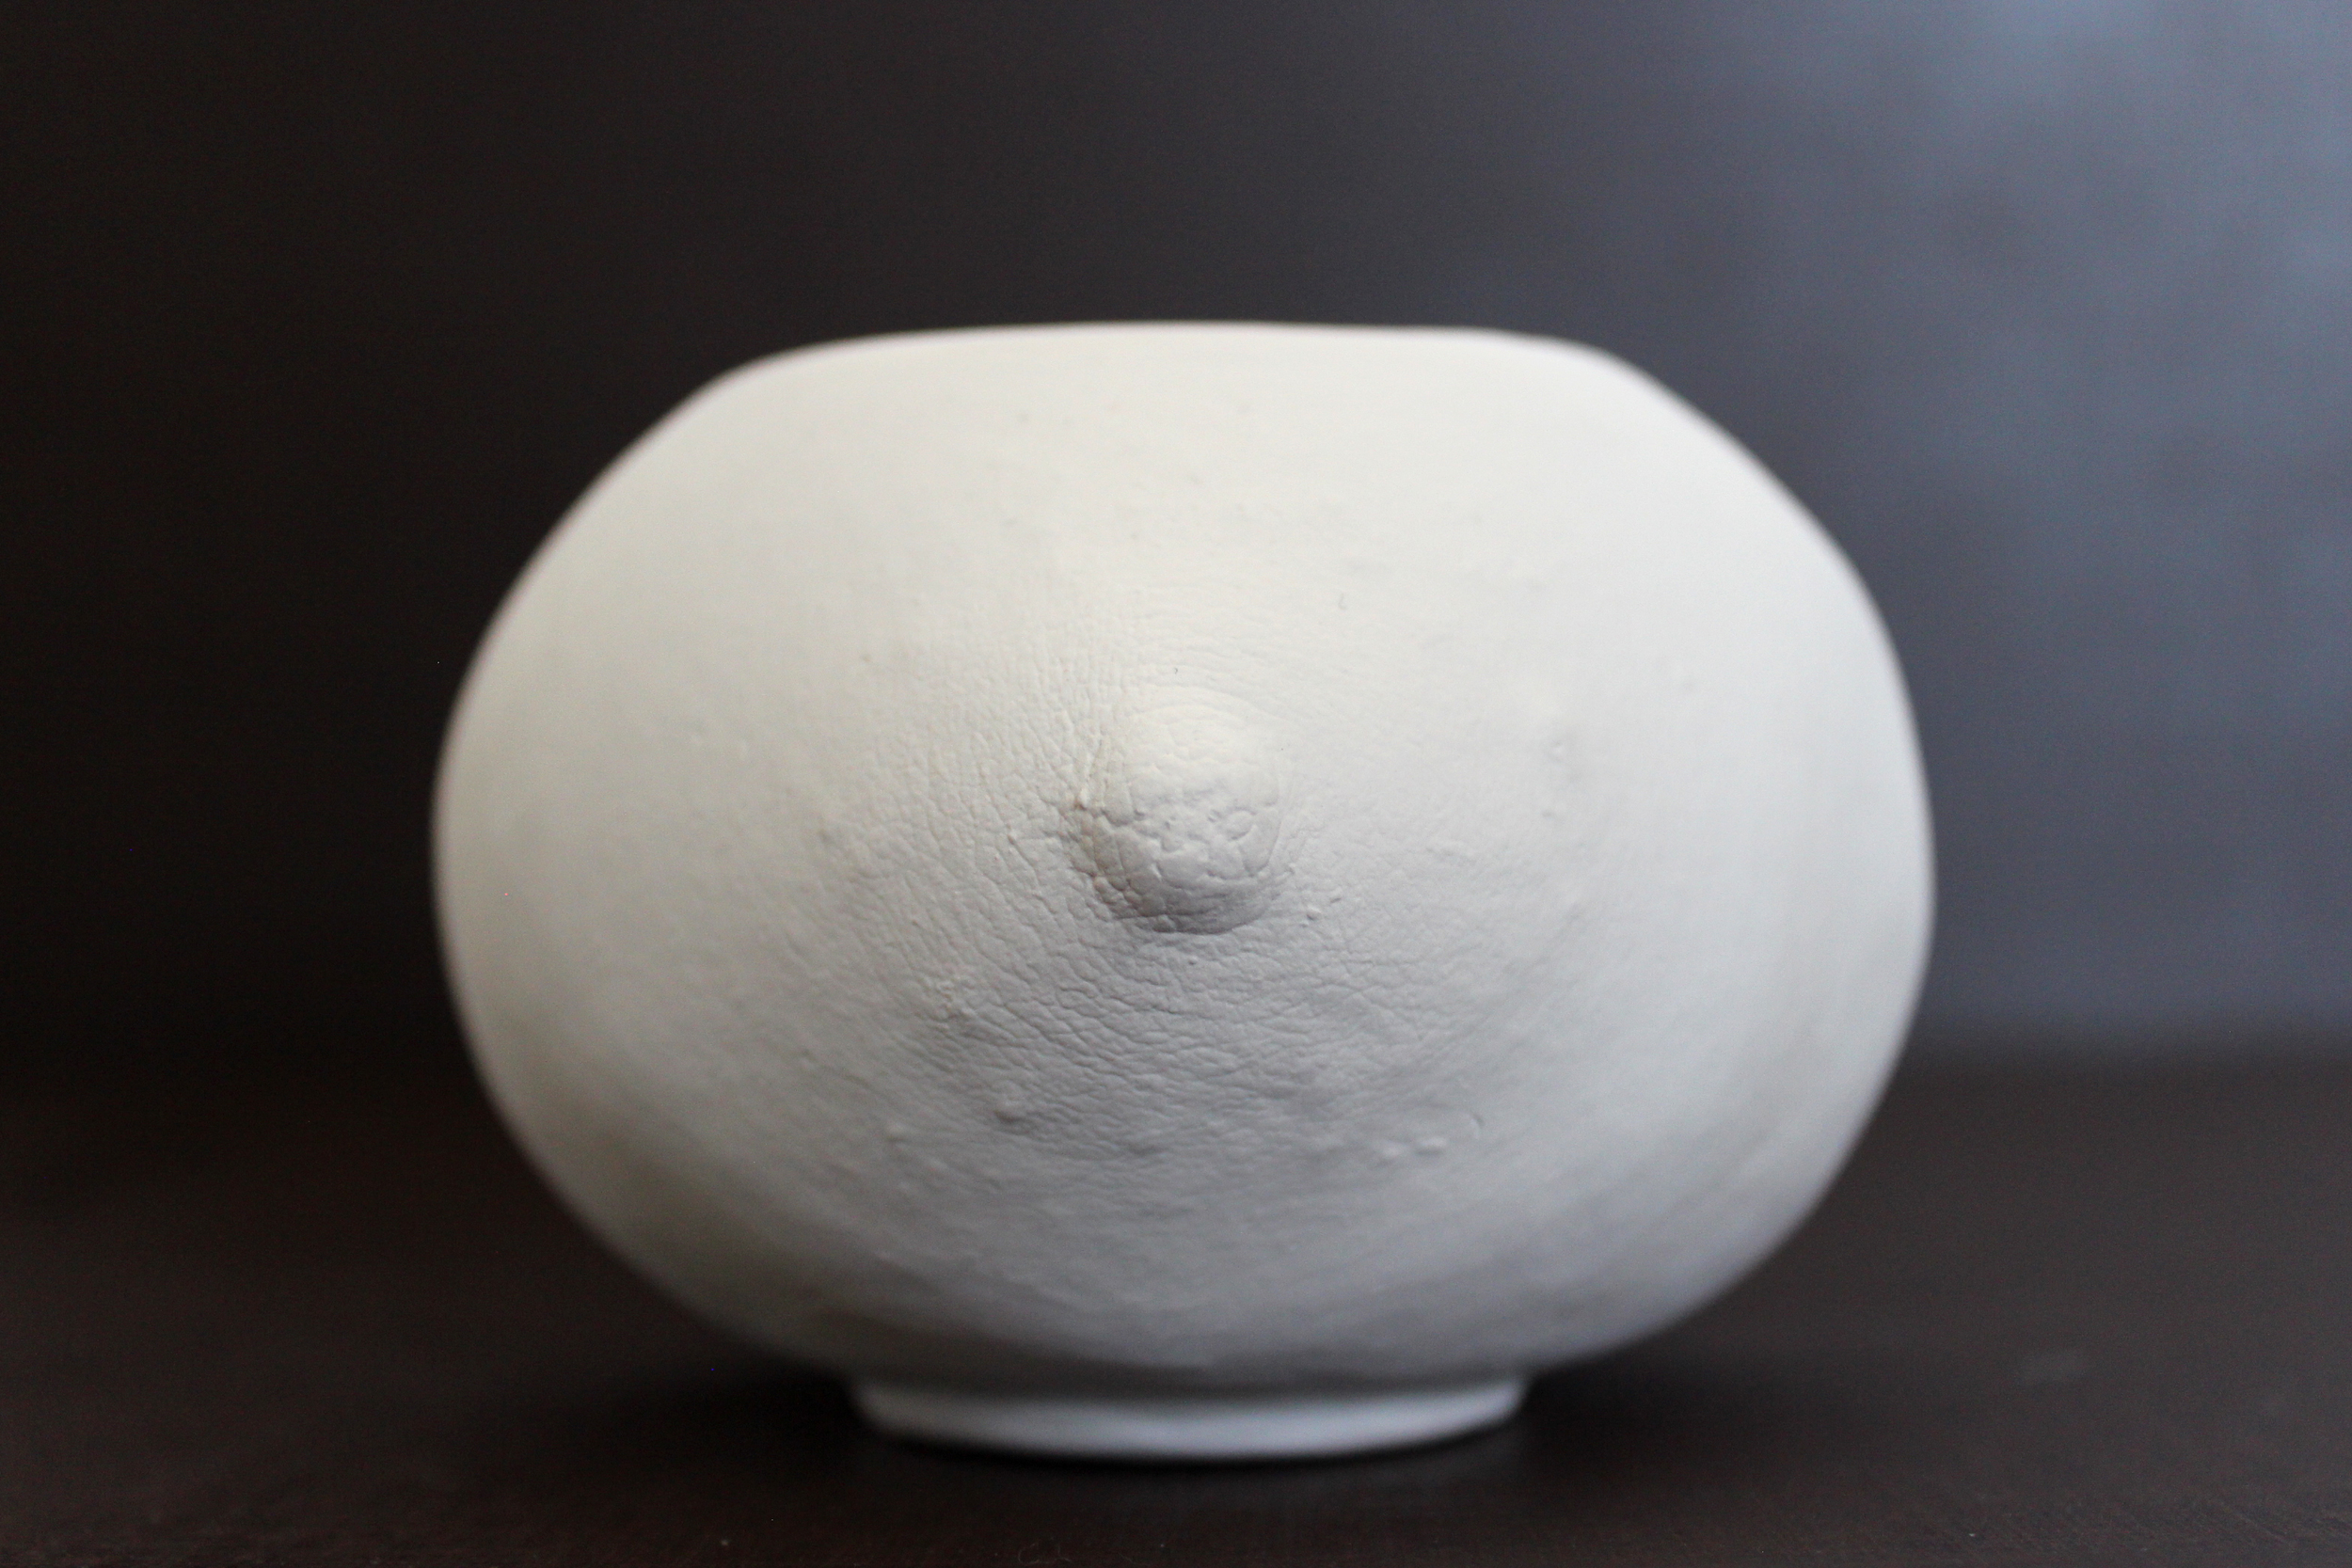 boob2.jpg